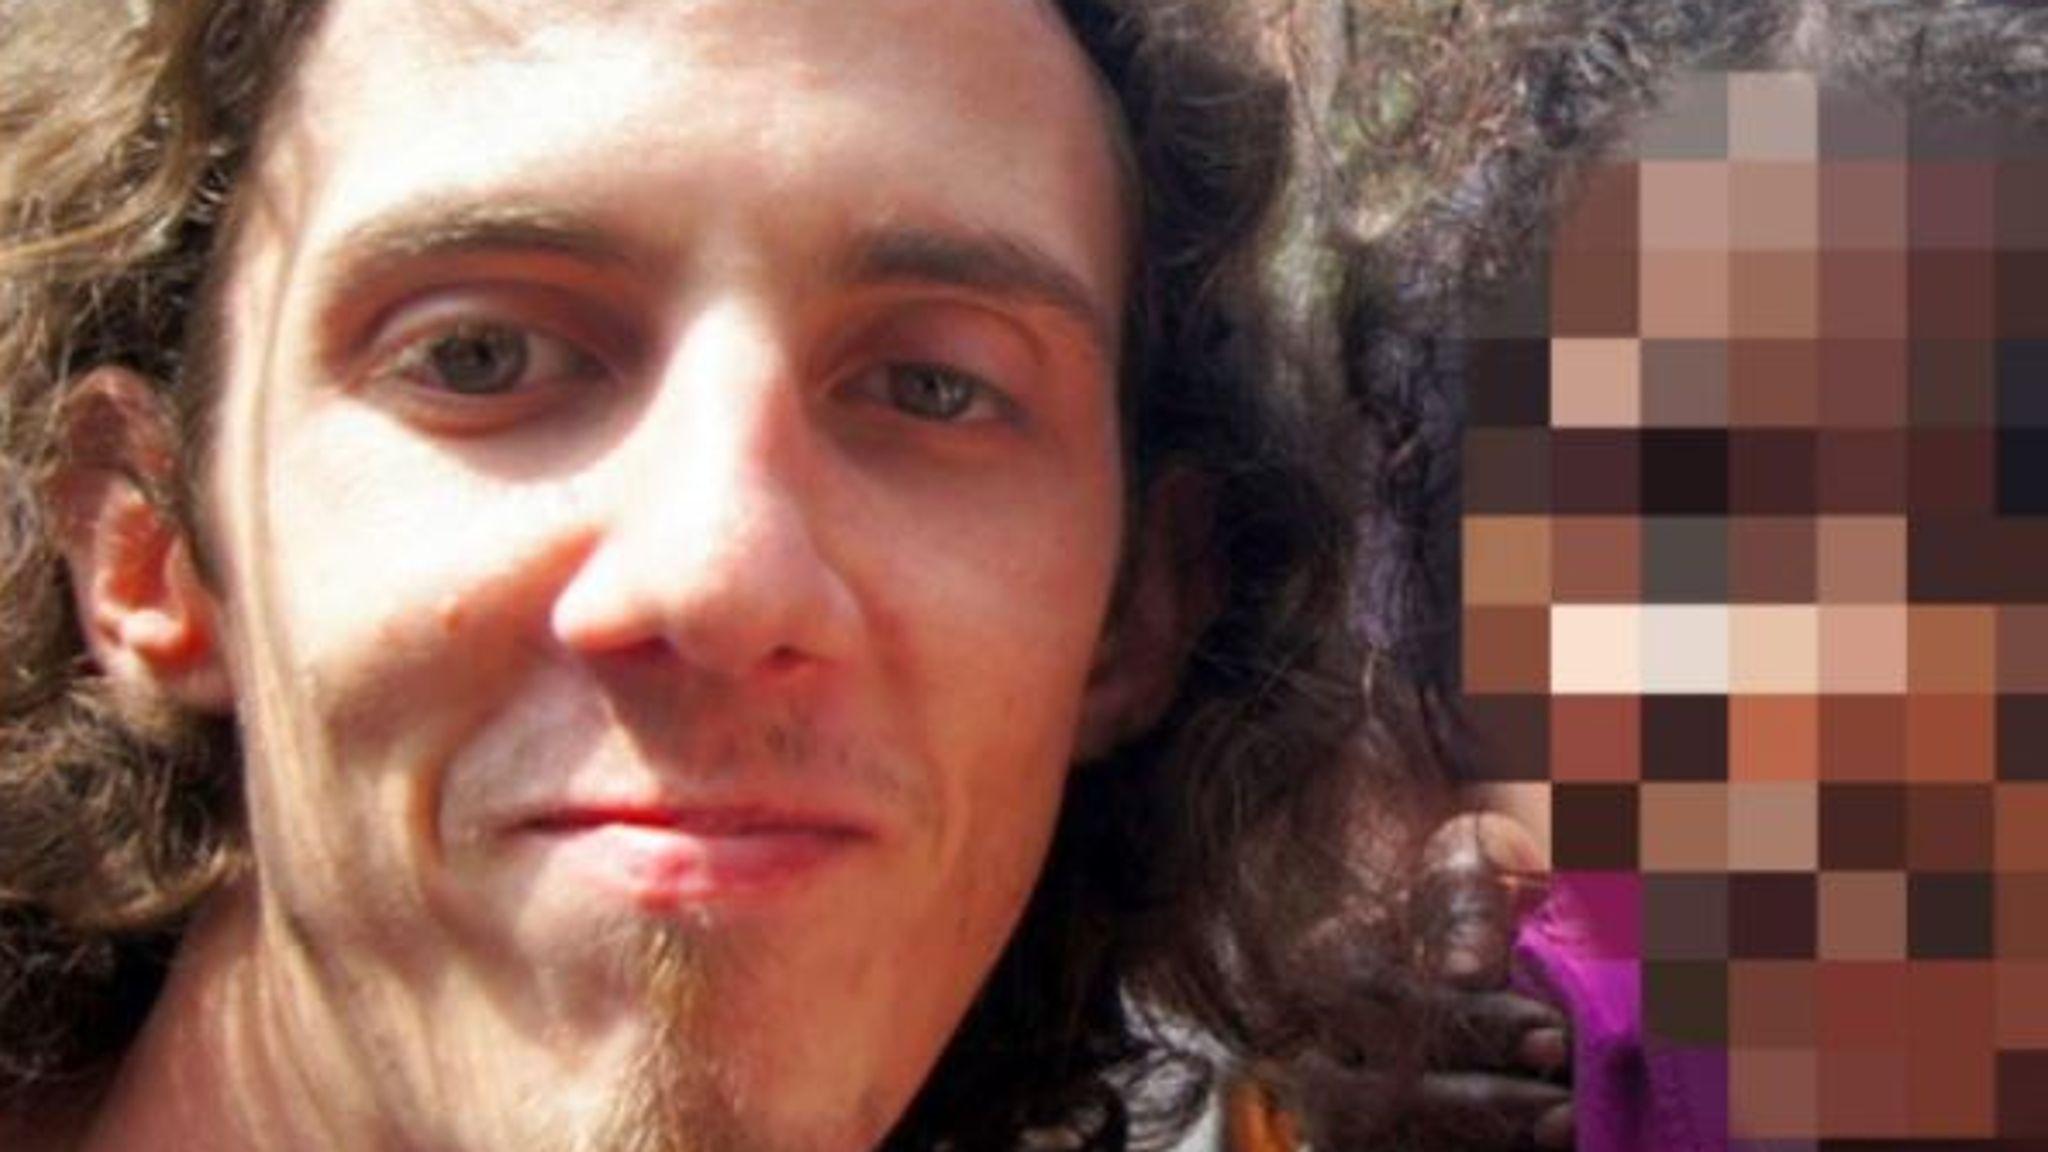 Man arrested over murder of paedophile Richard Huckle